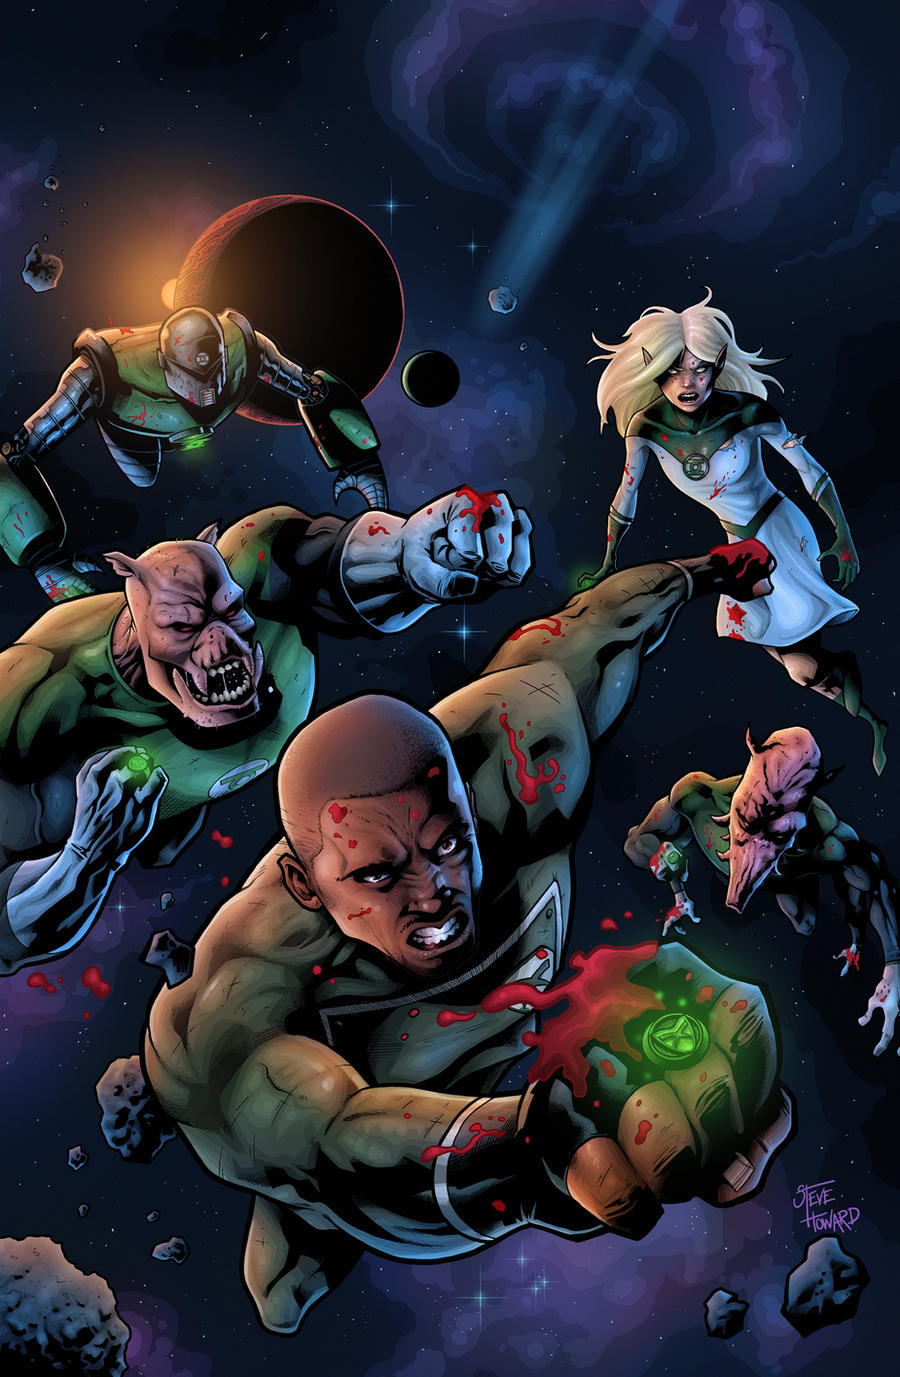 Dc Comics Fans : Justice league on dc comic fan art deviantart